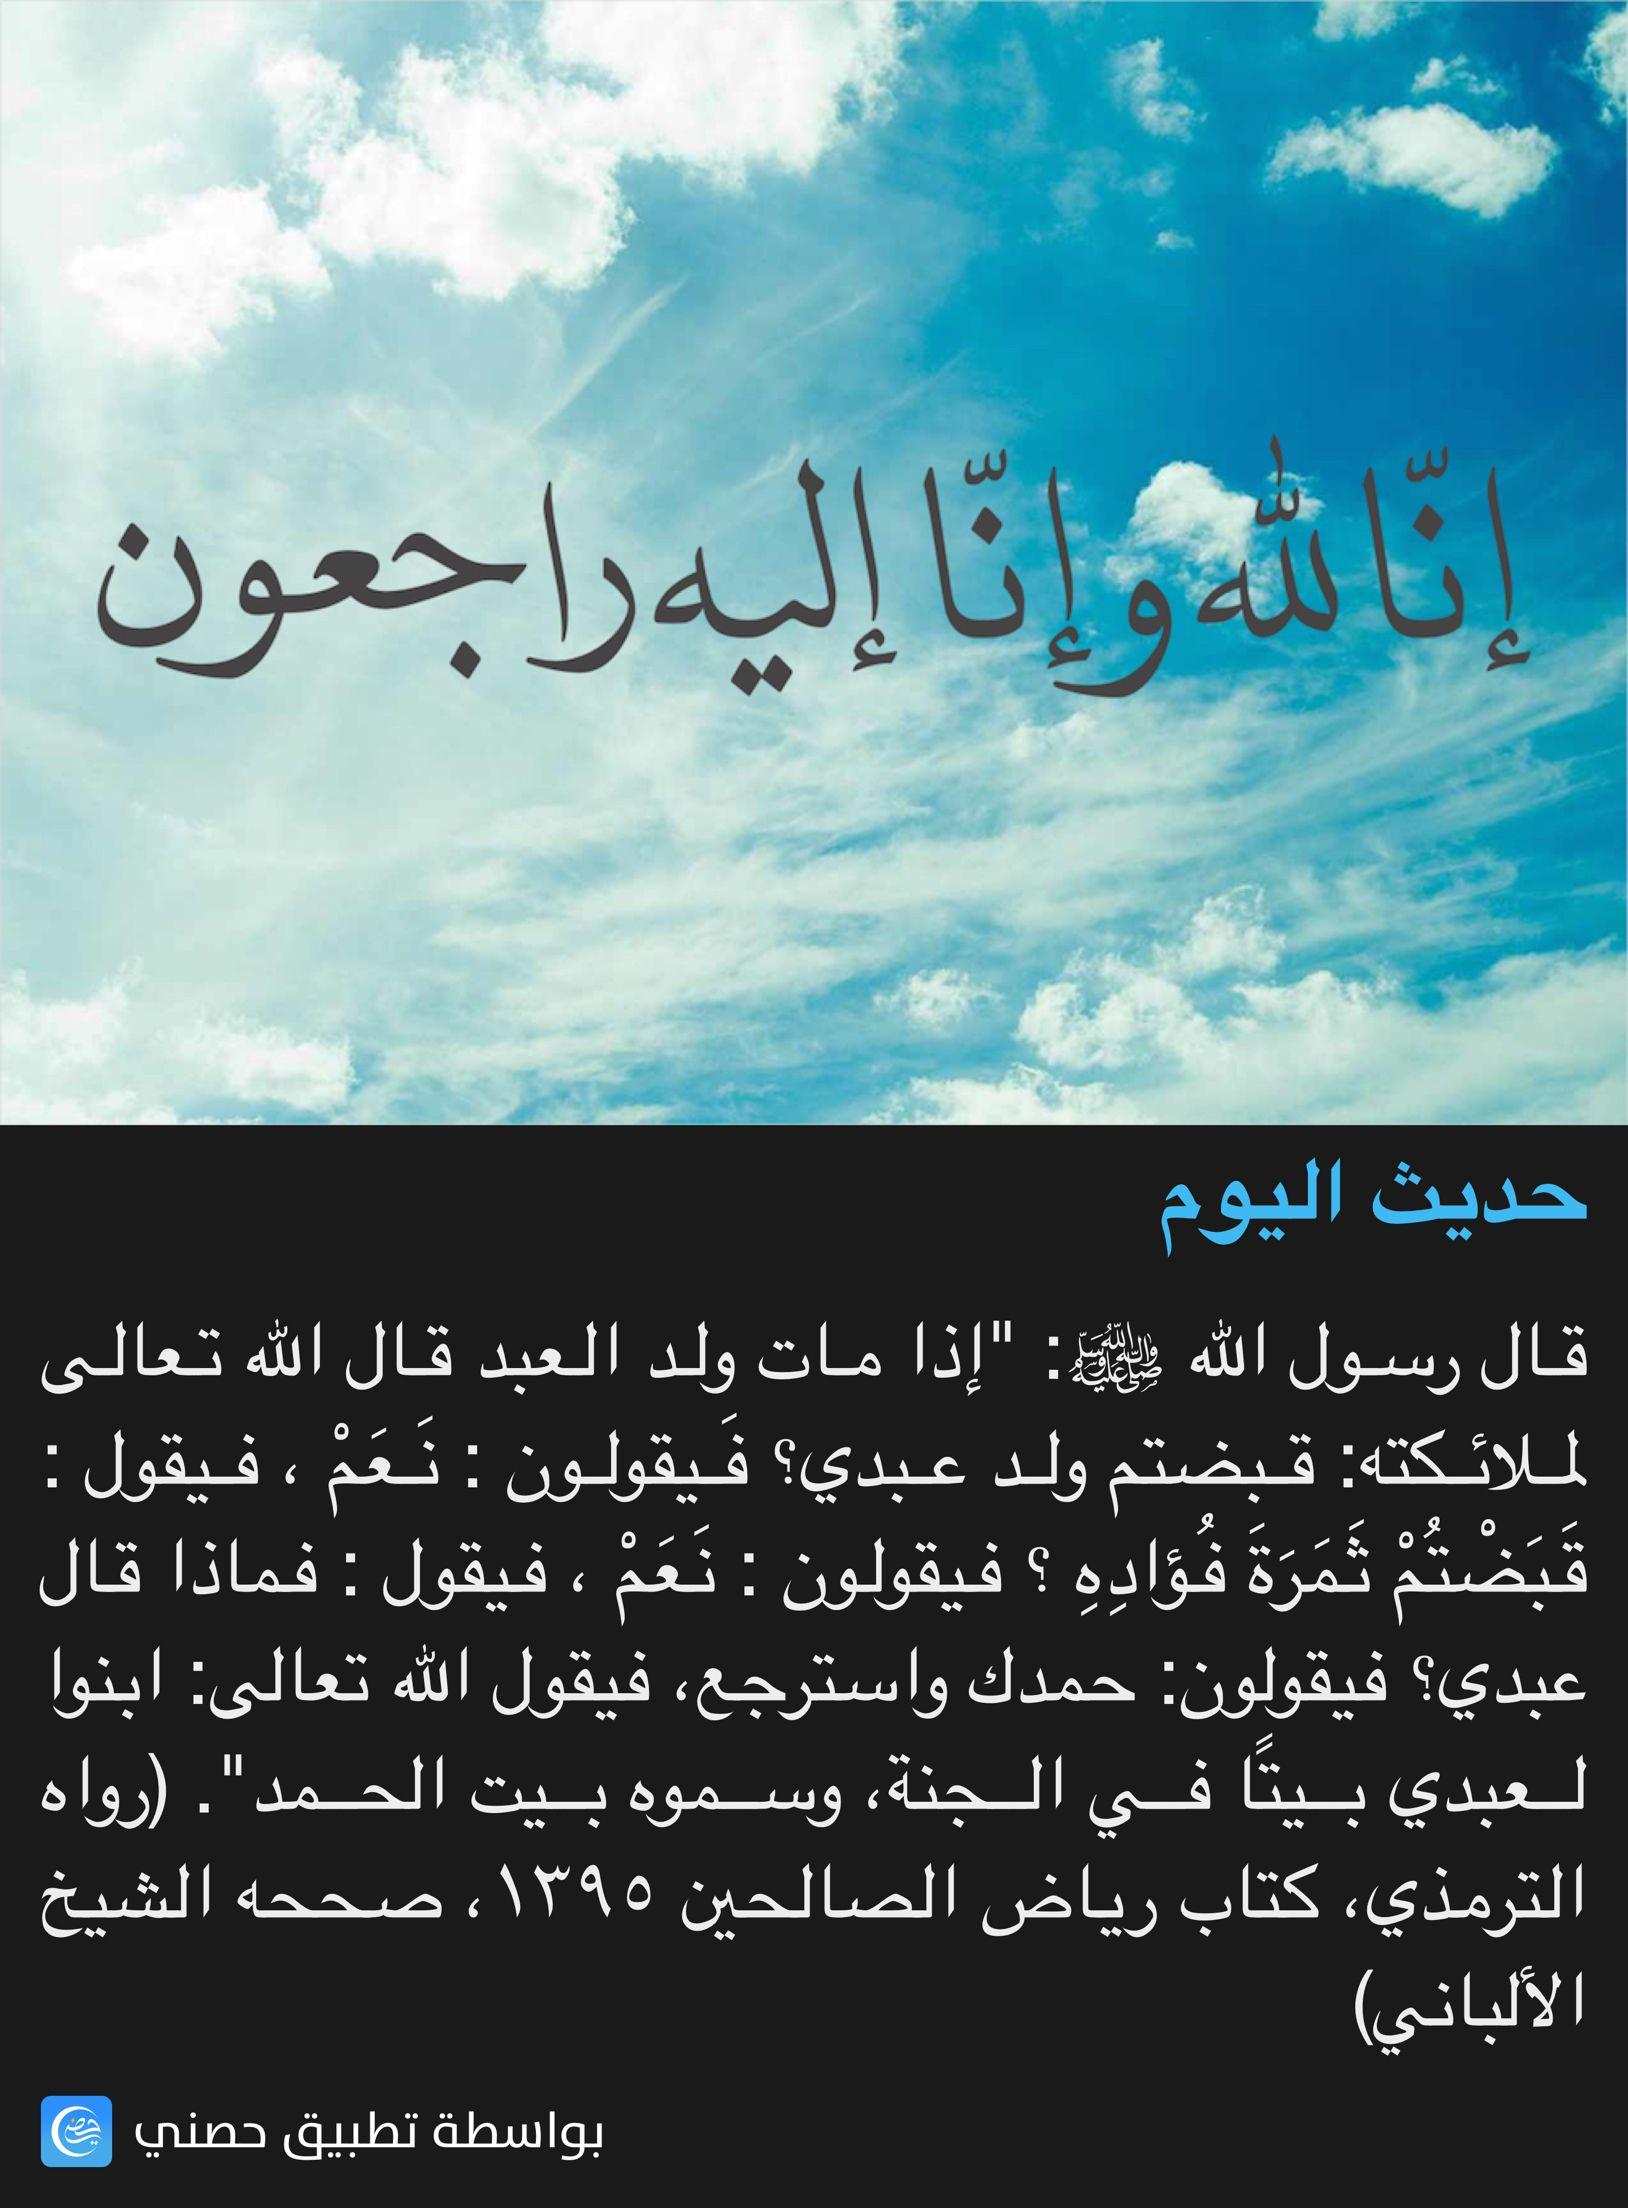 حديث اليوم Hadith Islam Hadith Islam